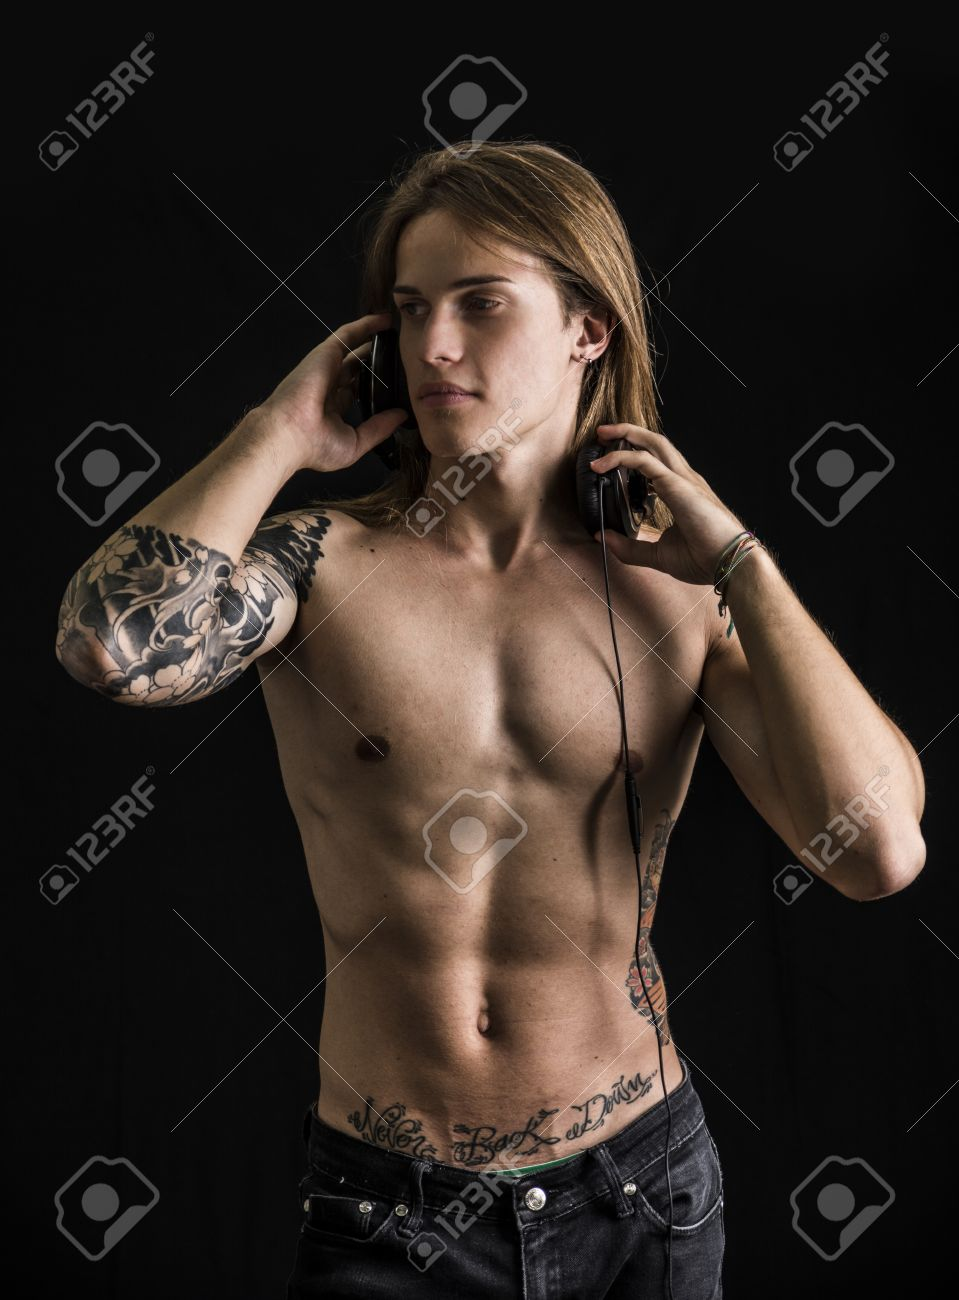 Tatouage homme torse - Banque D Images Musculaire Homme Torse Nu Avec Des Tatouages Couter De La Musique Sur Un Casque Isol Sur Fond Noir